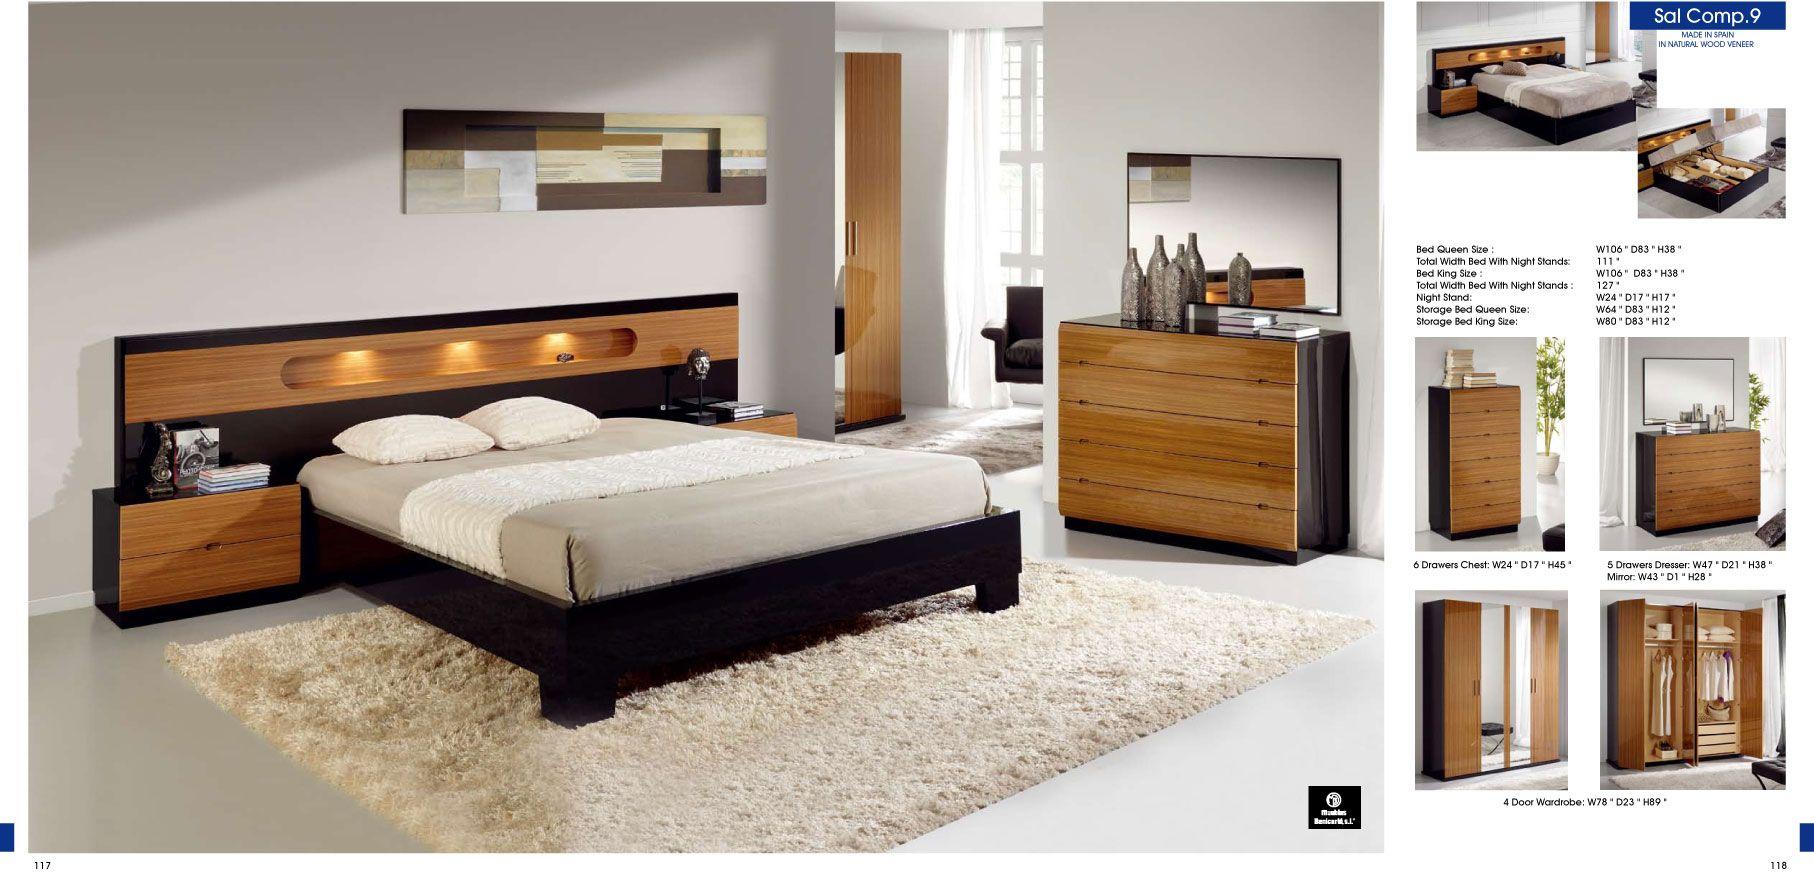 Elegant Cheap King Size Bedroom Sets 5 Ikea Bedroom Sets Catalog